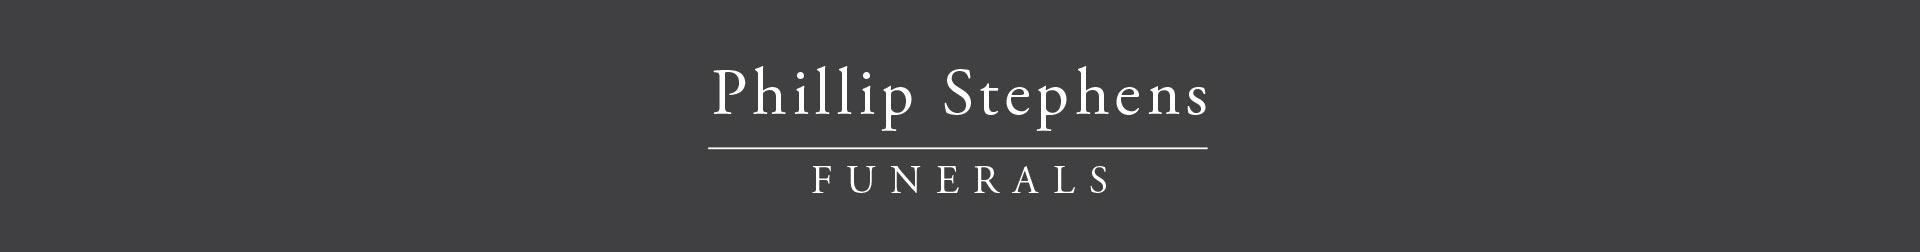 Phillip Stephens Funerals Hobart